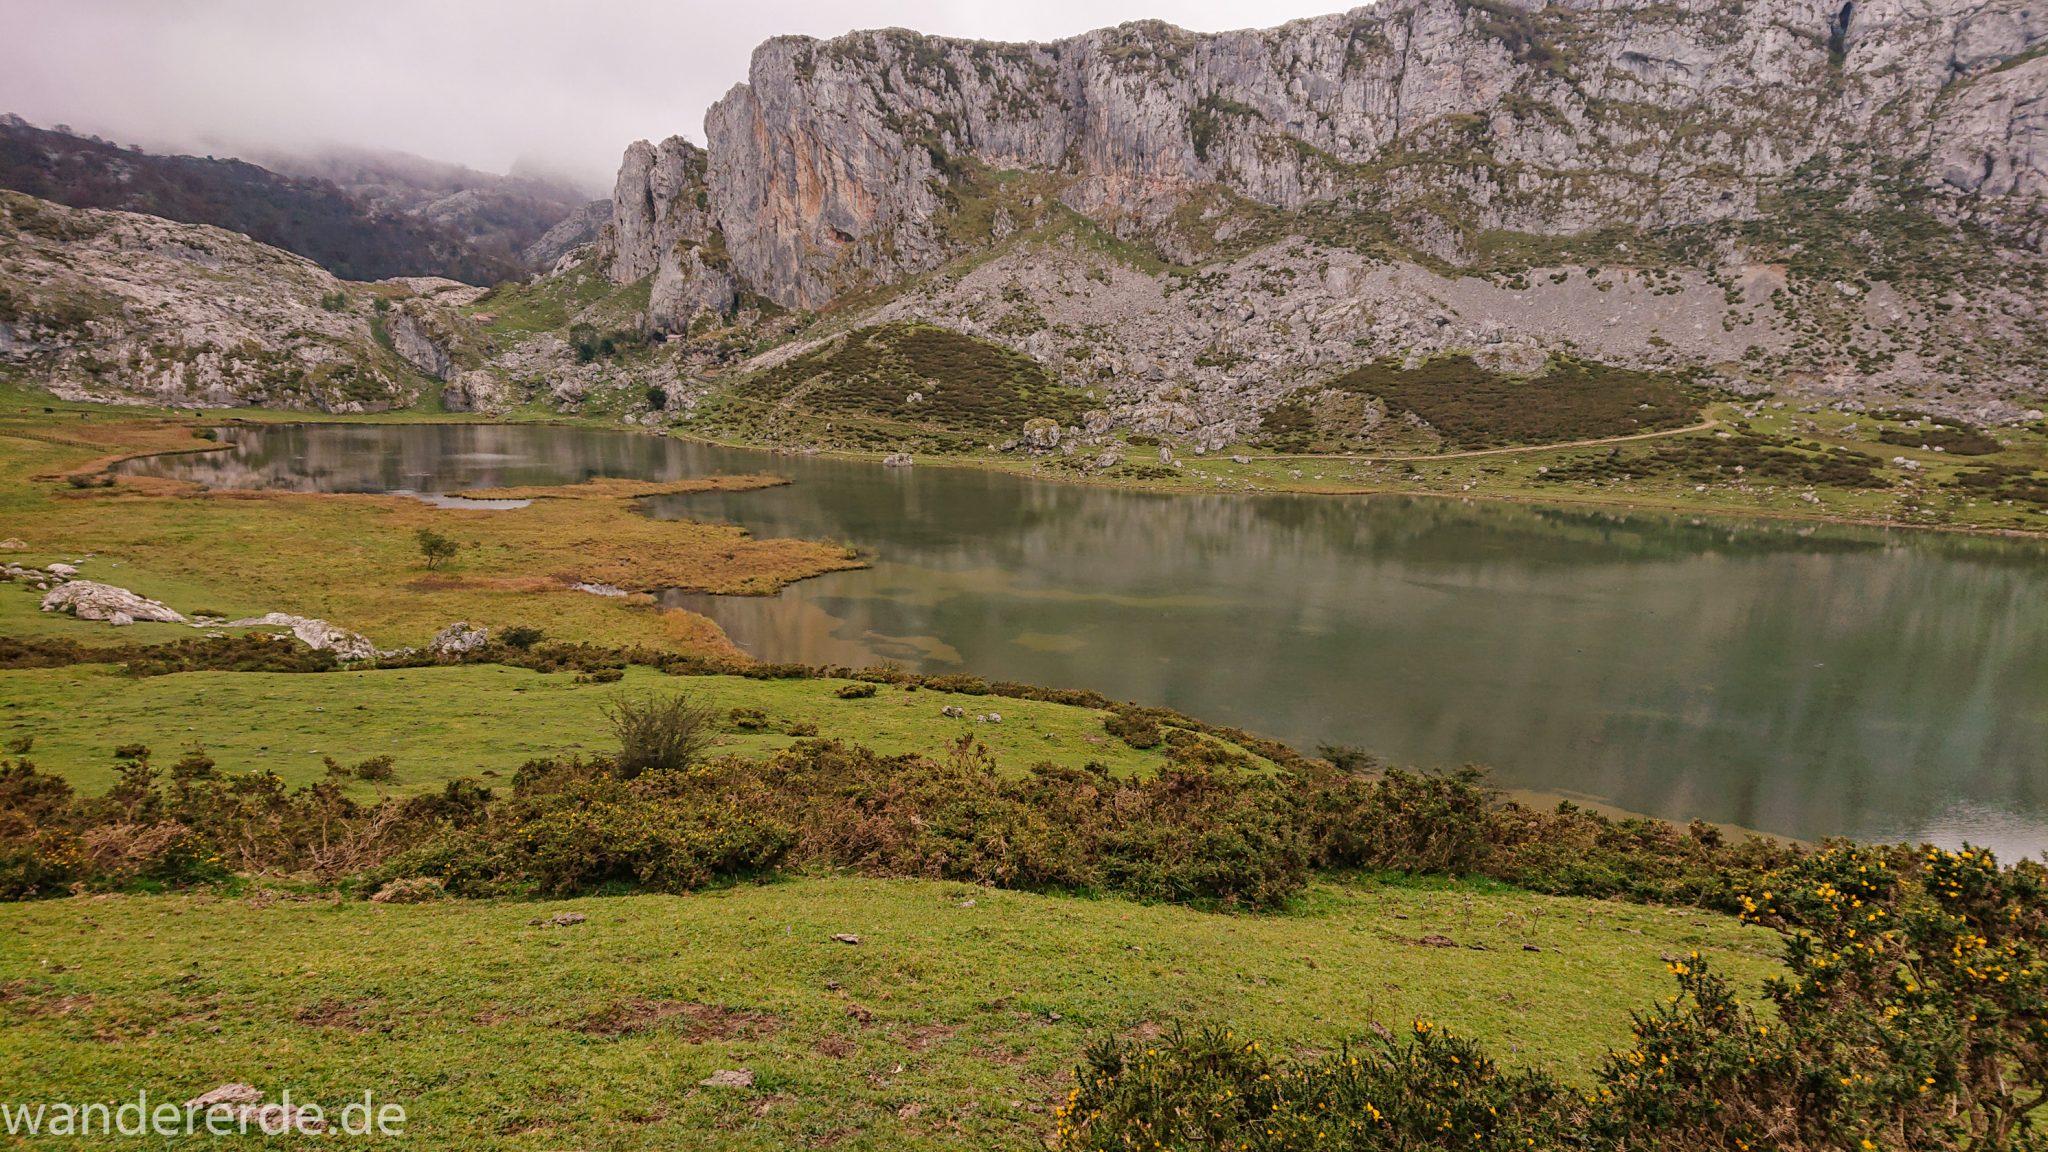 Wanderung Vega de Ario Picos de Europa Spanien, Start und Ende des Wanderwegs zum Refugio de Ario beim Lago Ercina, Berge, Wolkenfelder, grüne Wiesen und Büsche, tolle Atmosphäre, schöner See